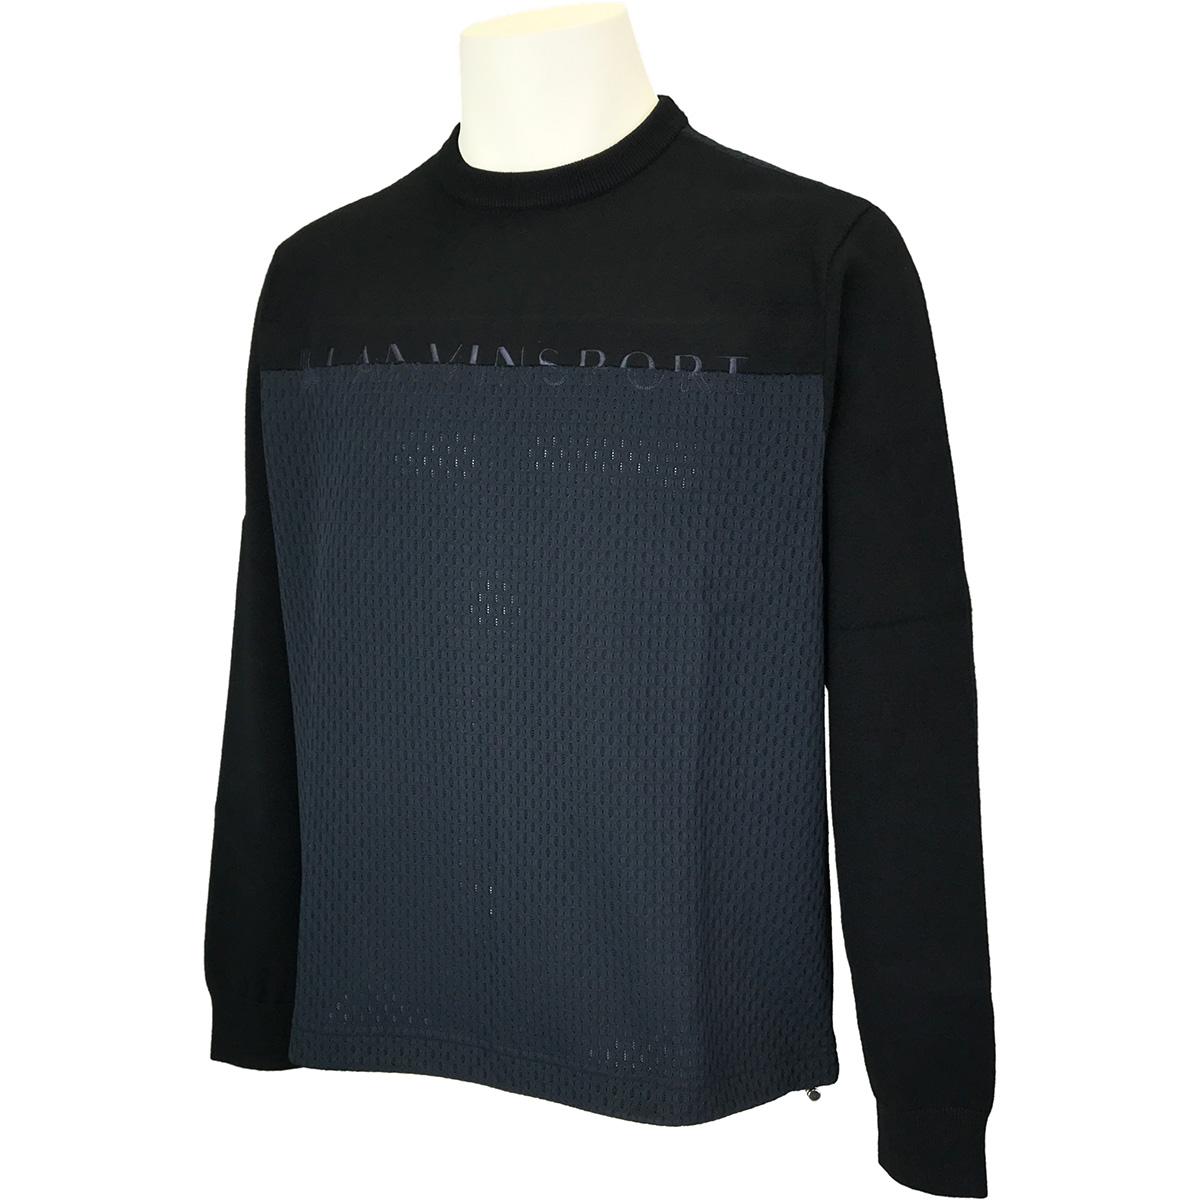 ダブルラッセルクルーネックセーター